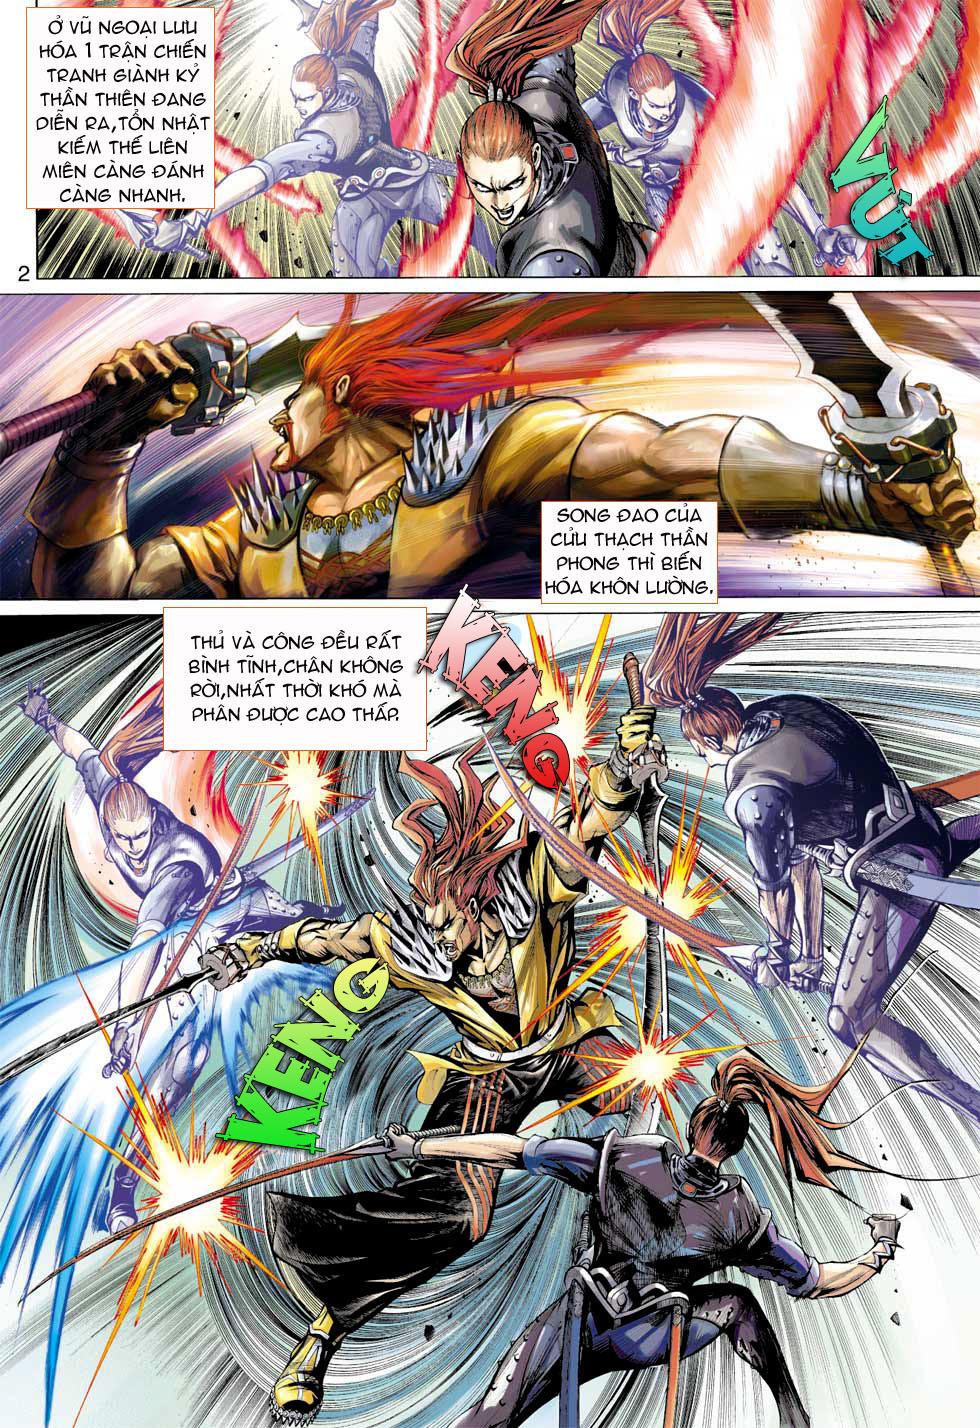 Thần Binh 4 chap 7 - Trang 2